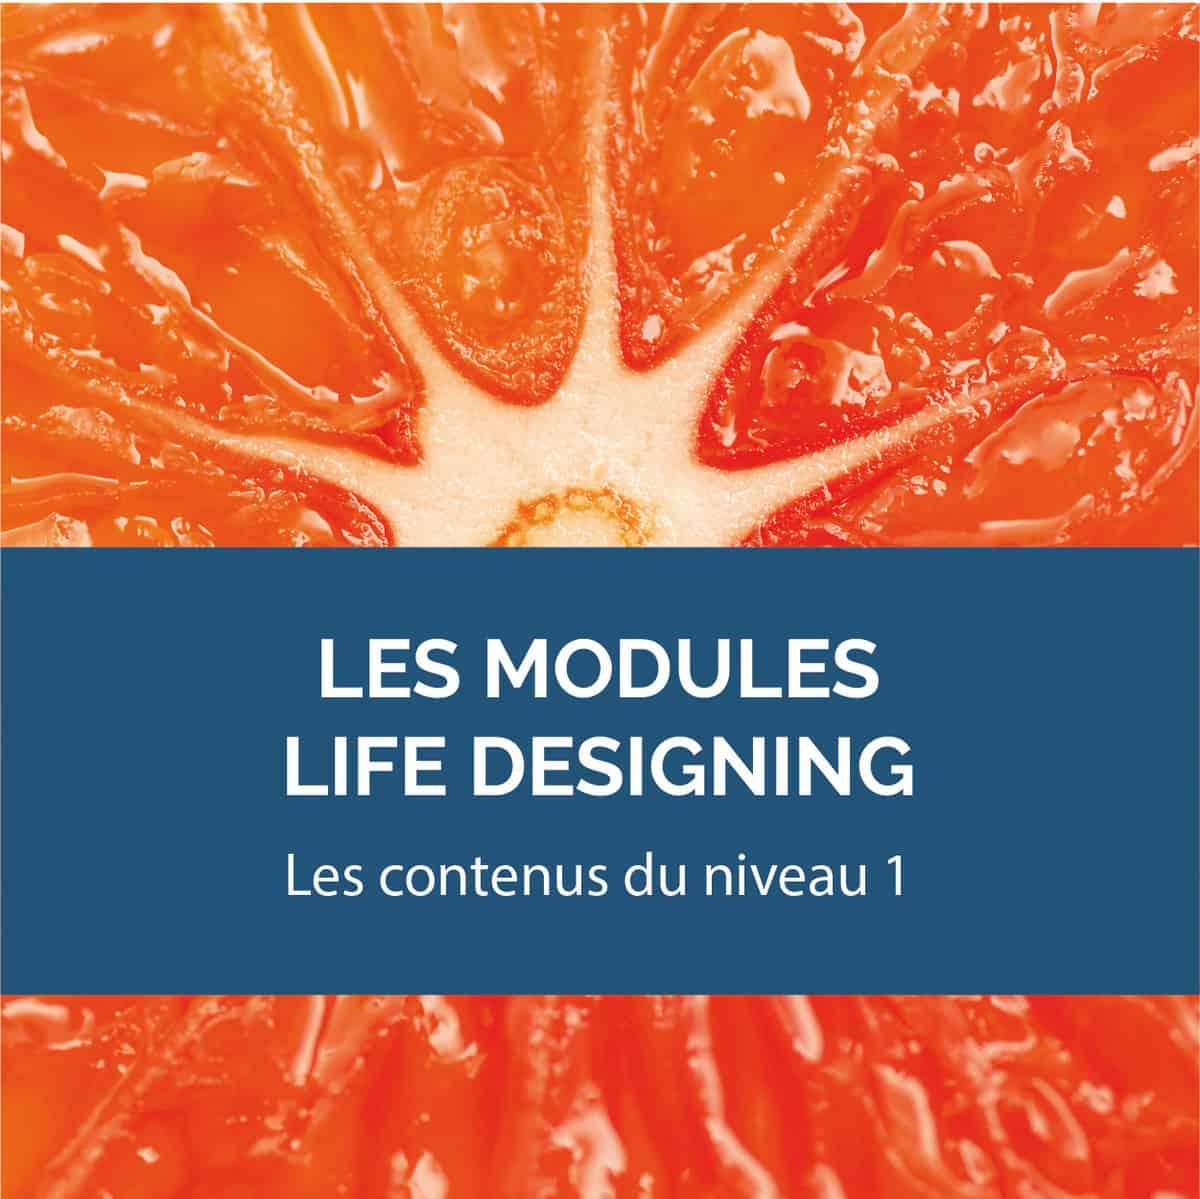 BCHOC2 Life designing